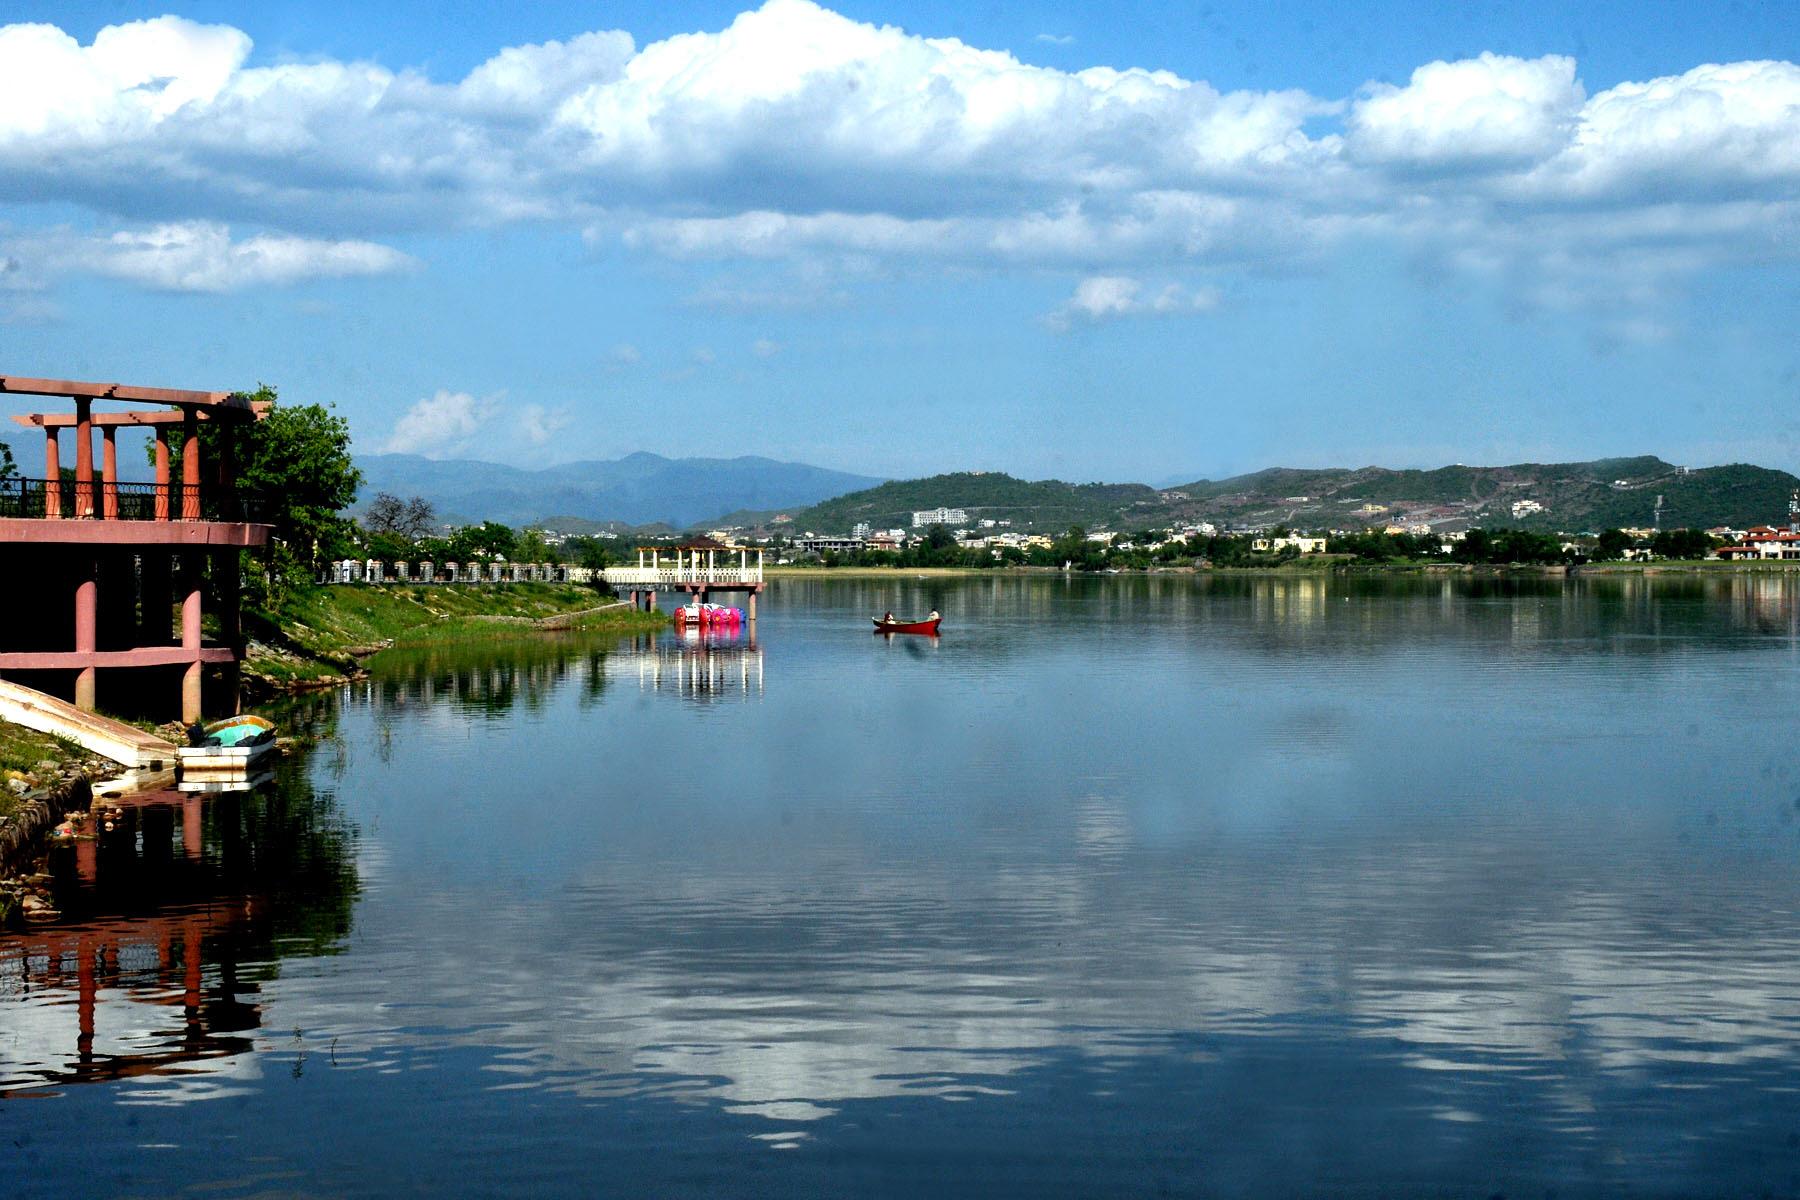 AGP says human, natural activity around lake needs environmental clearance. PHOTO: EXPRESS